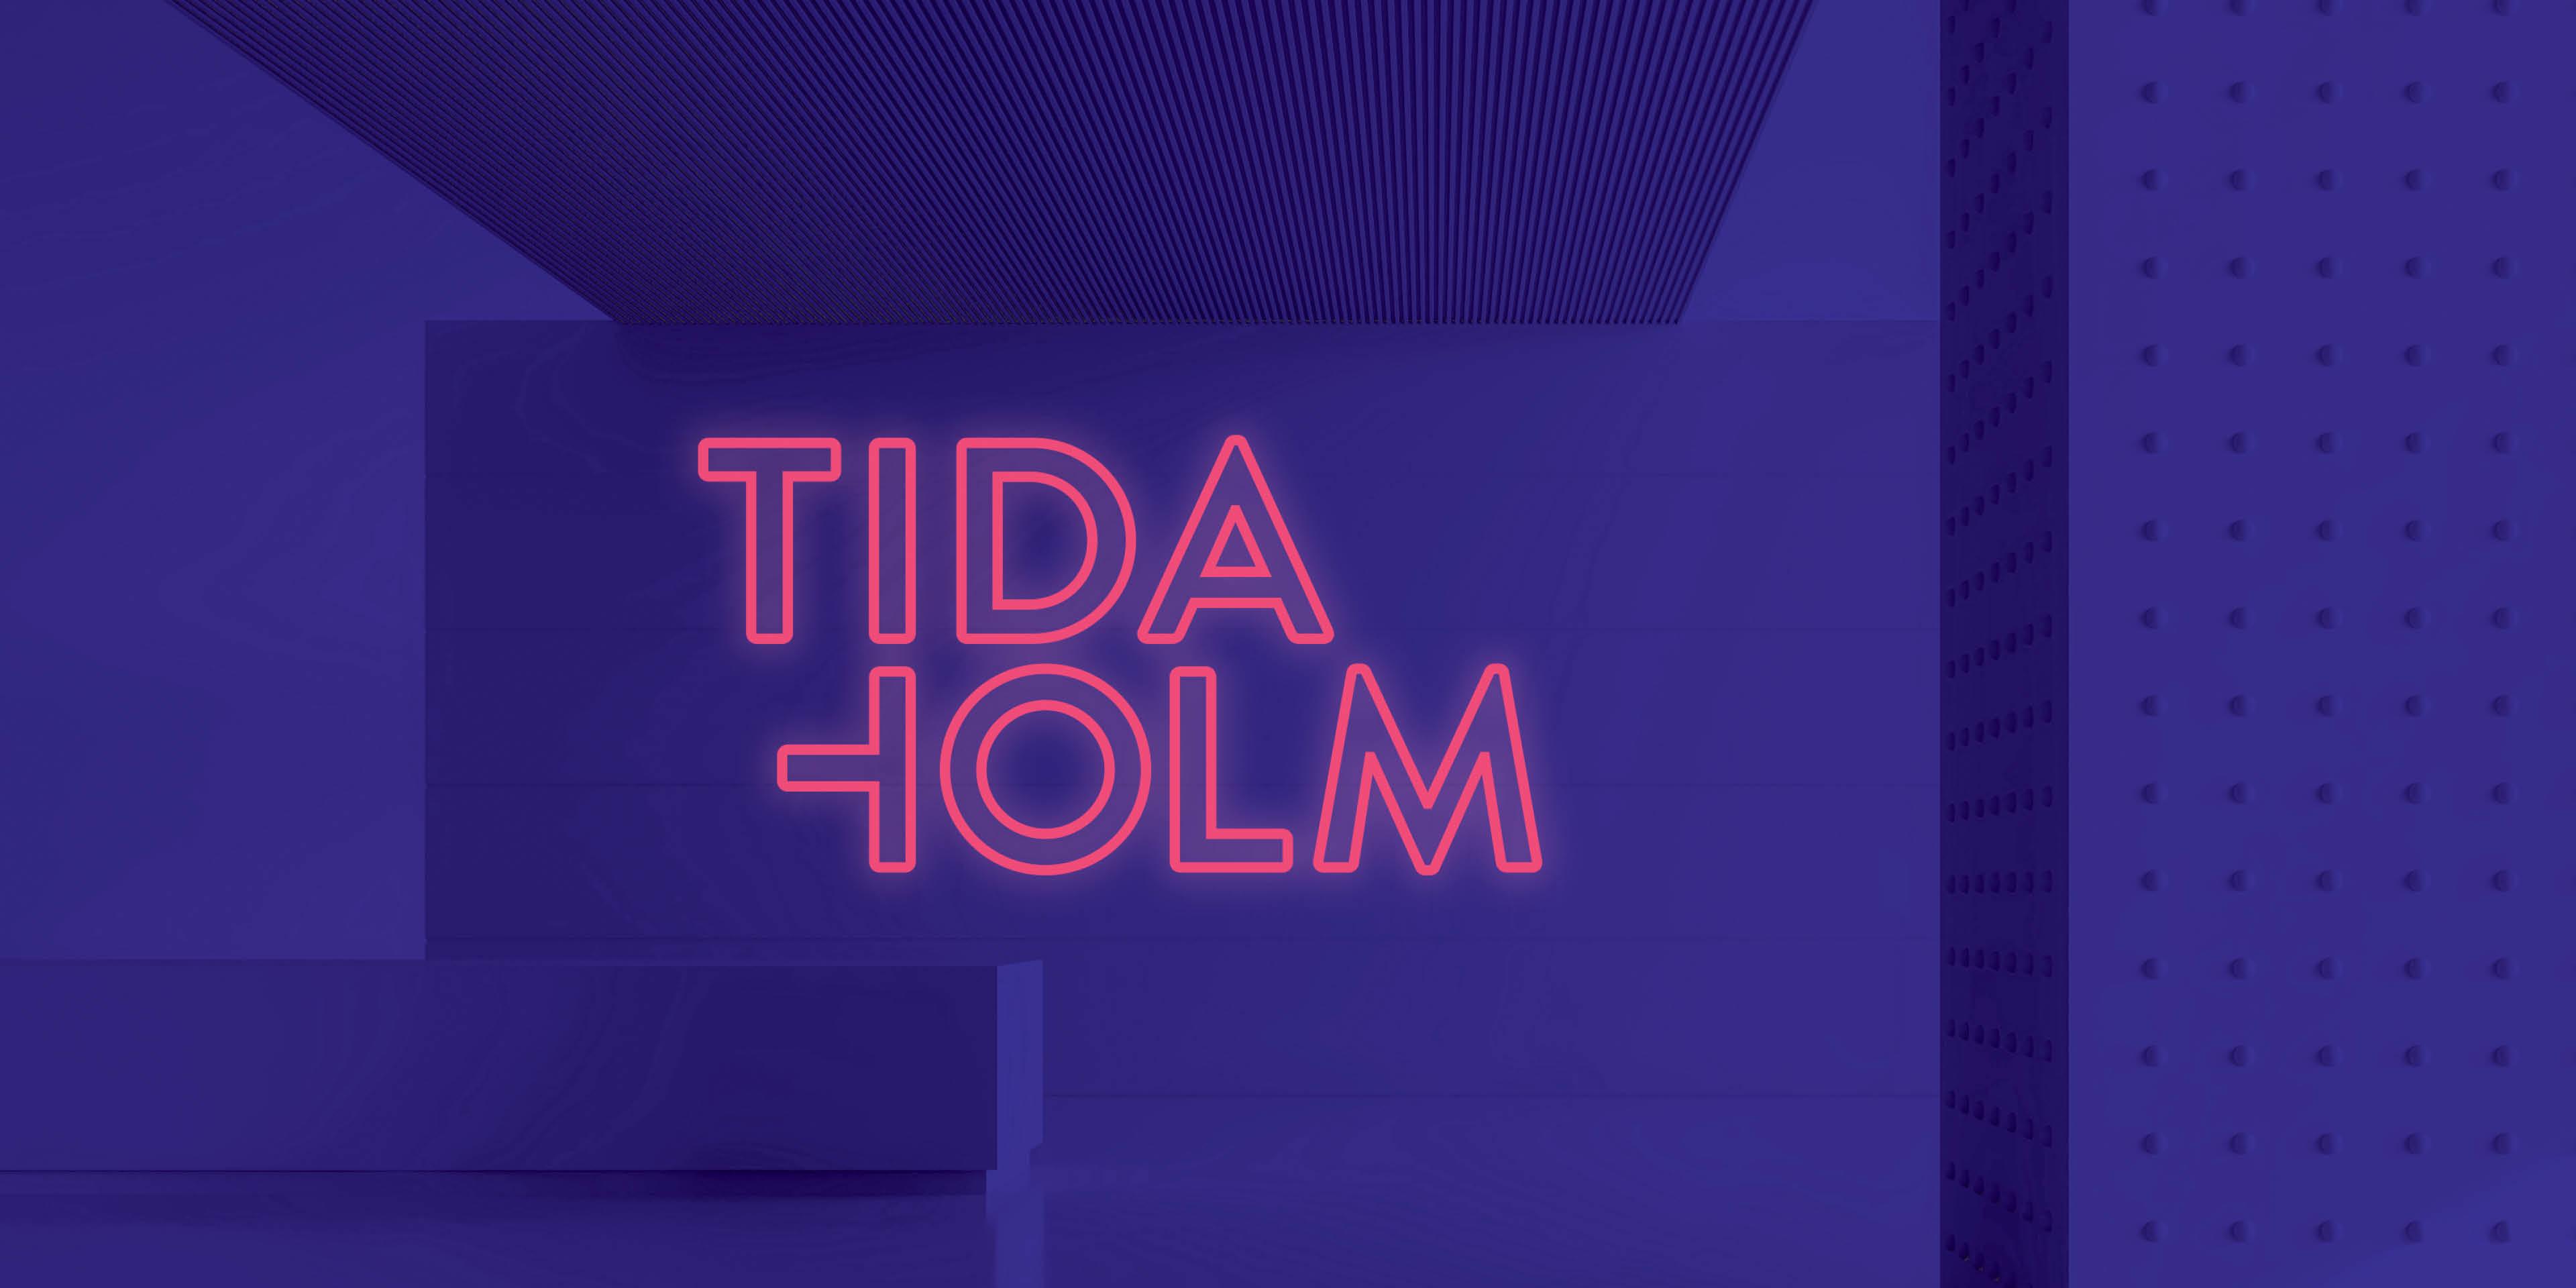 Logotyp ur Tidaholms grafiska profil, framtagen av Identx